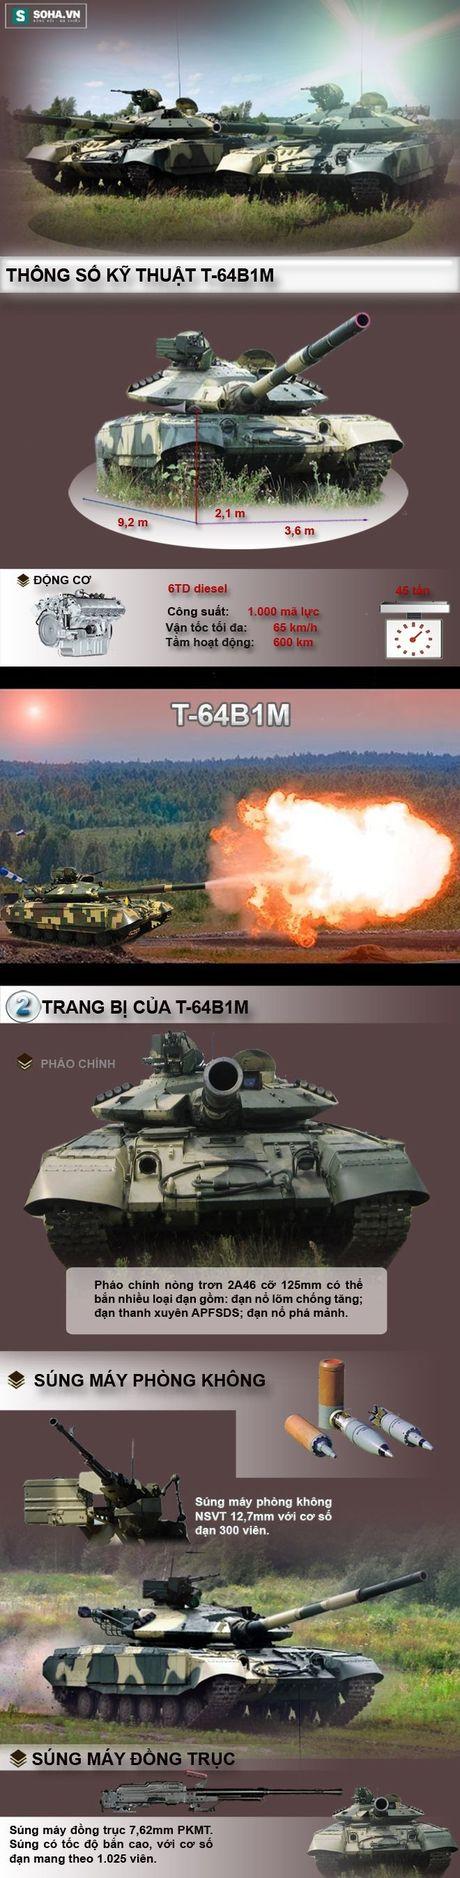 Xe tang chien dau chu luc T-64B1M - Doi thu xung tam cua T-72B3 - Anh 2